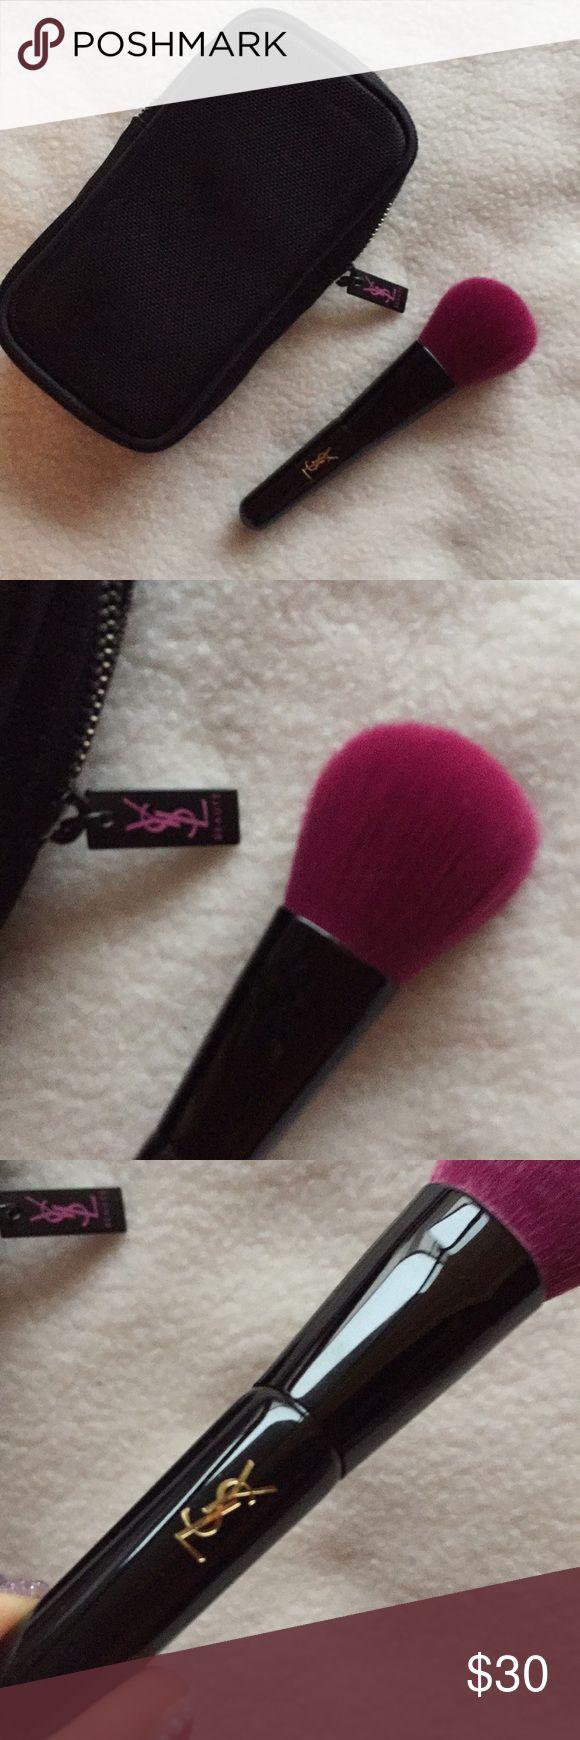 YSL makeup brush + mesh bag Ysl makeup, Makeup brushes